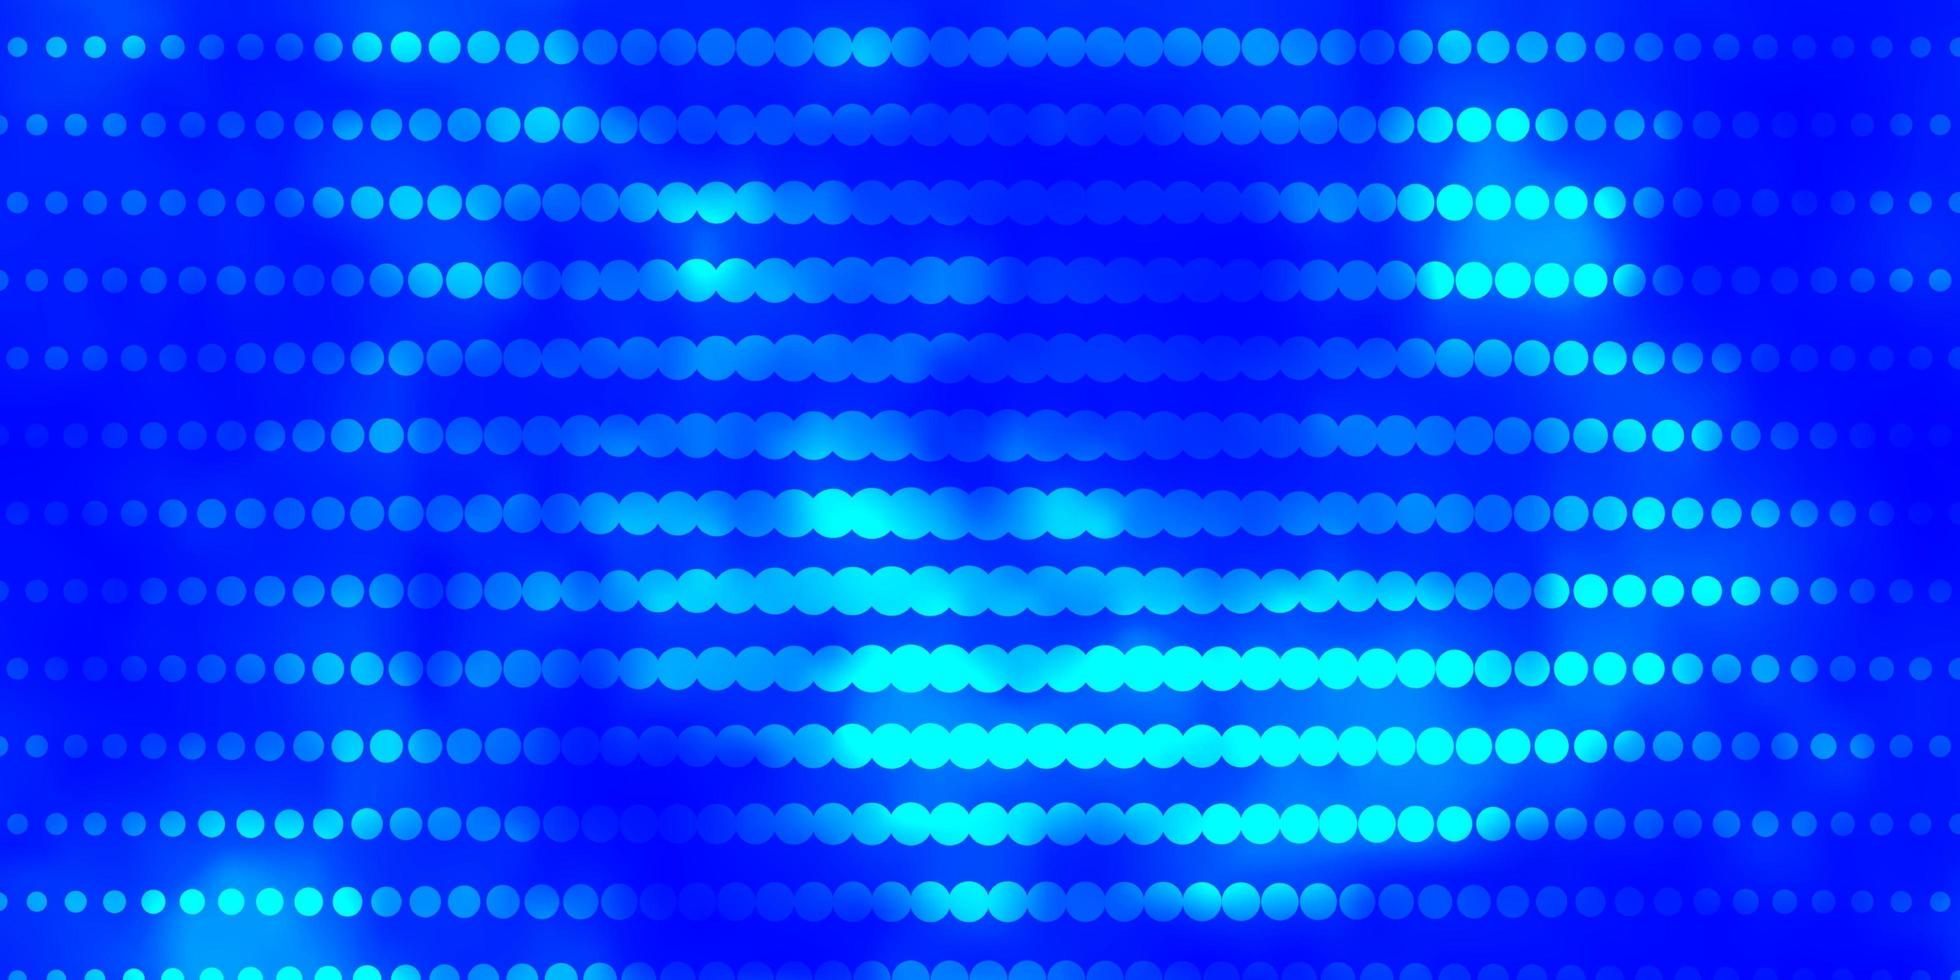 sfondo vettoriale azzurro con cerchi.